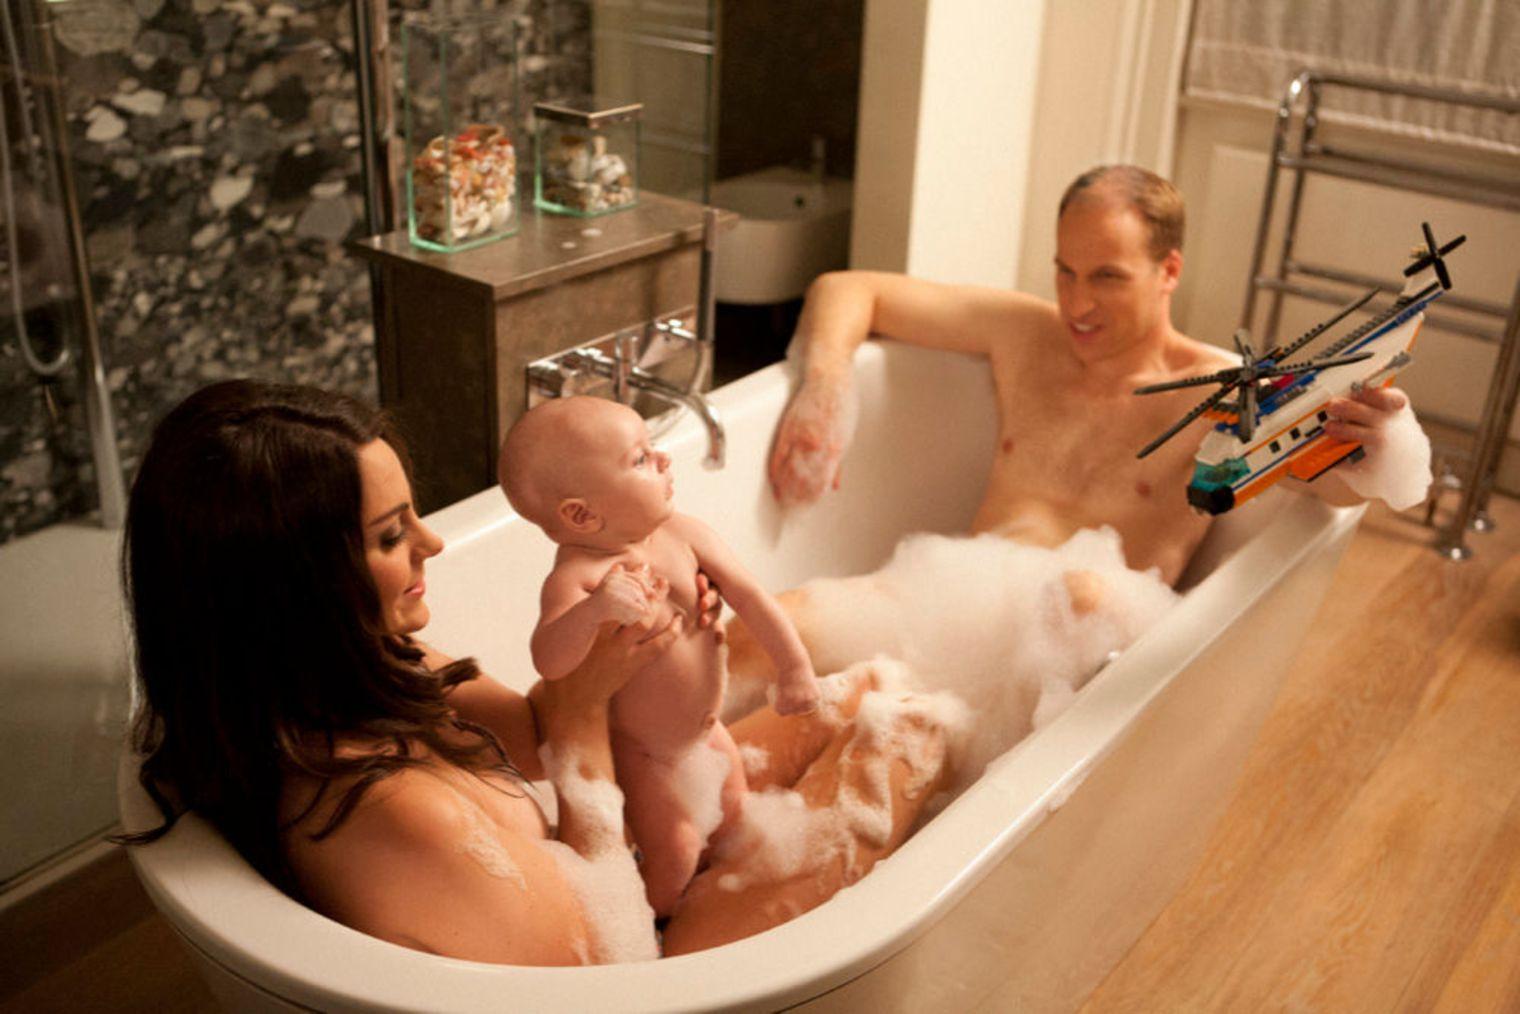 Трахаю зрелую раком в ванной, Порно В ванной Раком -видео. Смотреть порно 10 фотография